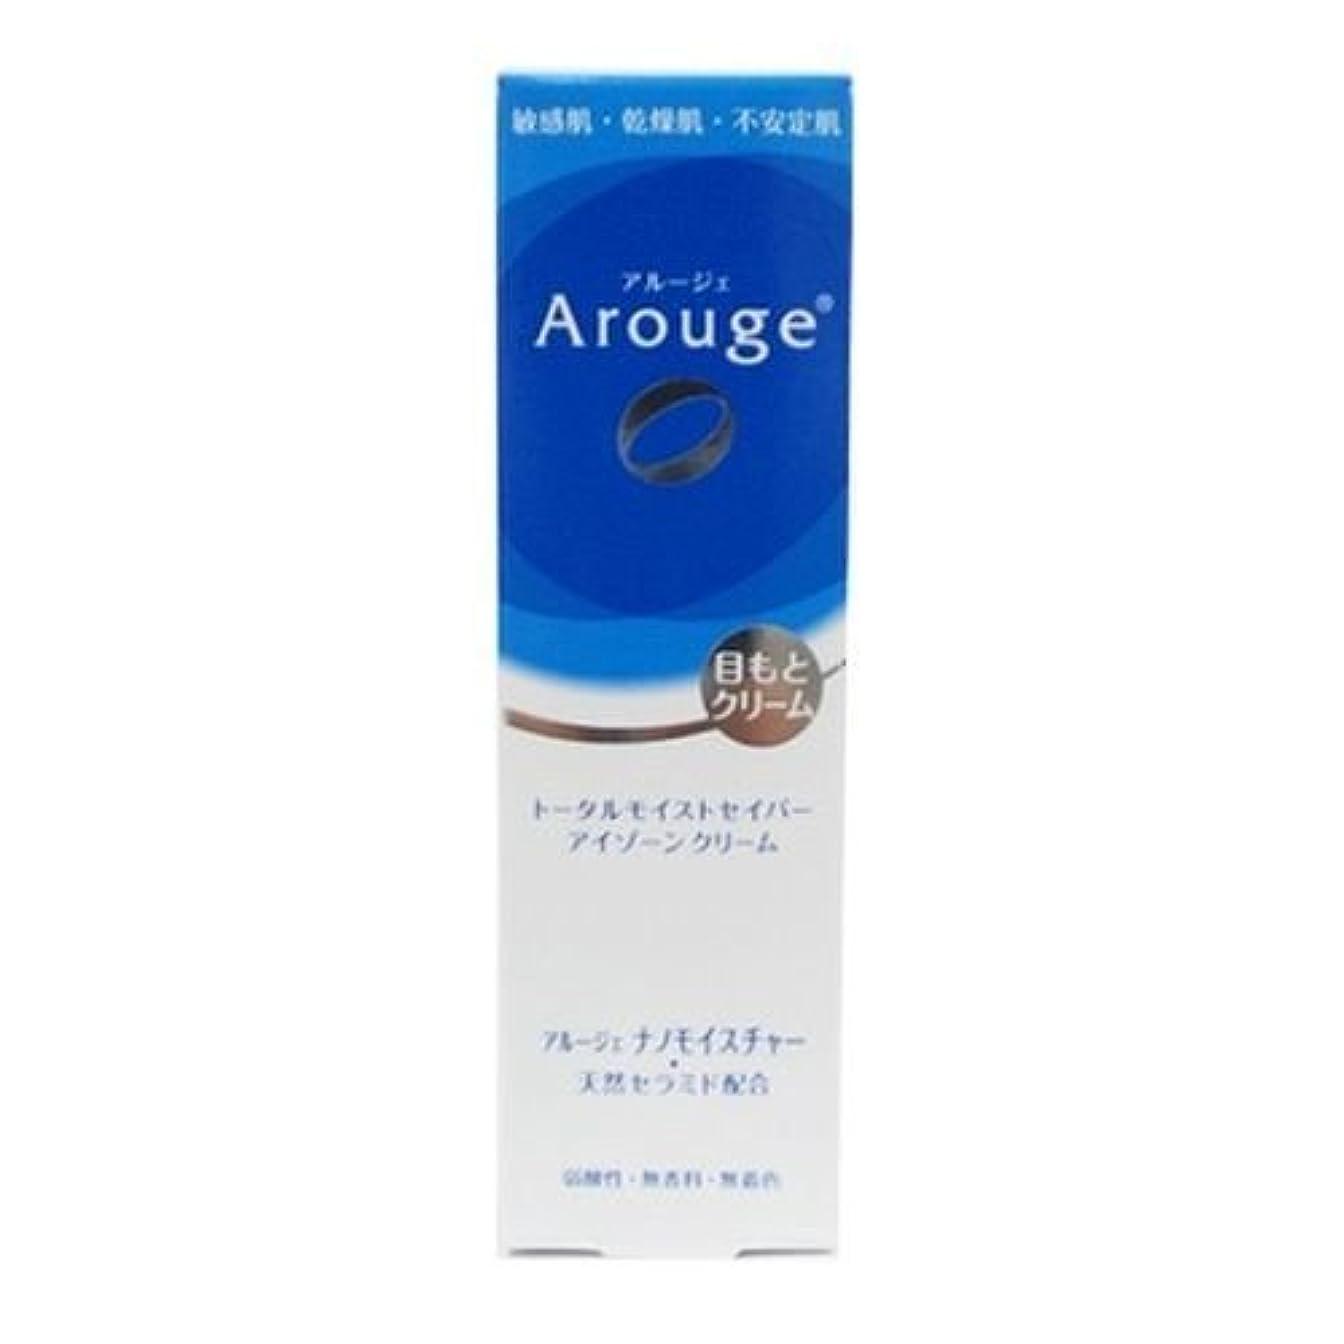 マイル有害言及するアルージェ(Arouge)トータルモイストセイバー アイゾーンクリーム 15g